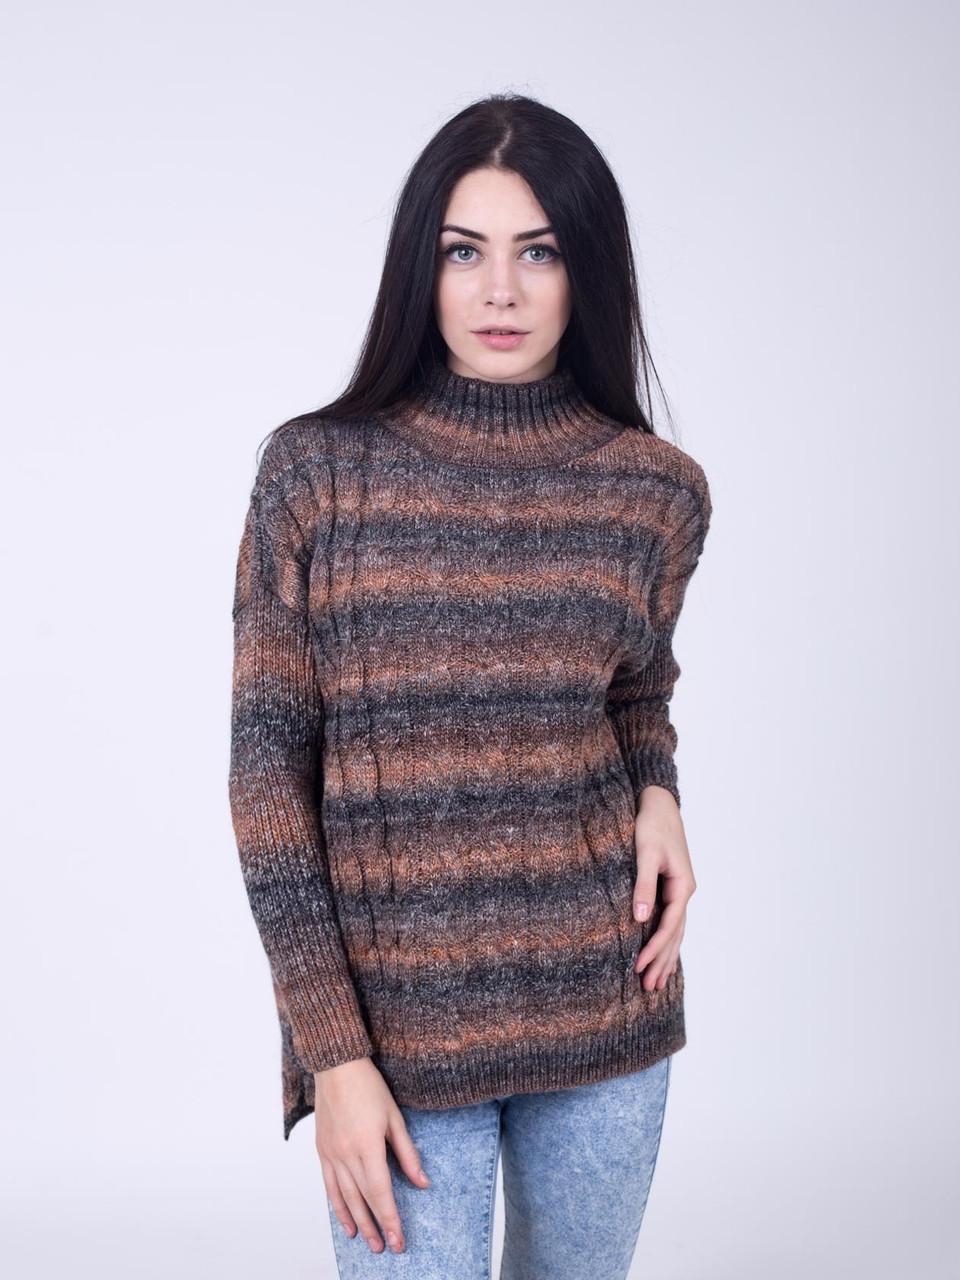 Теплый вязанный свитер от производителя